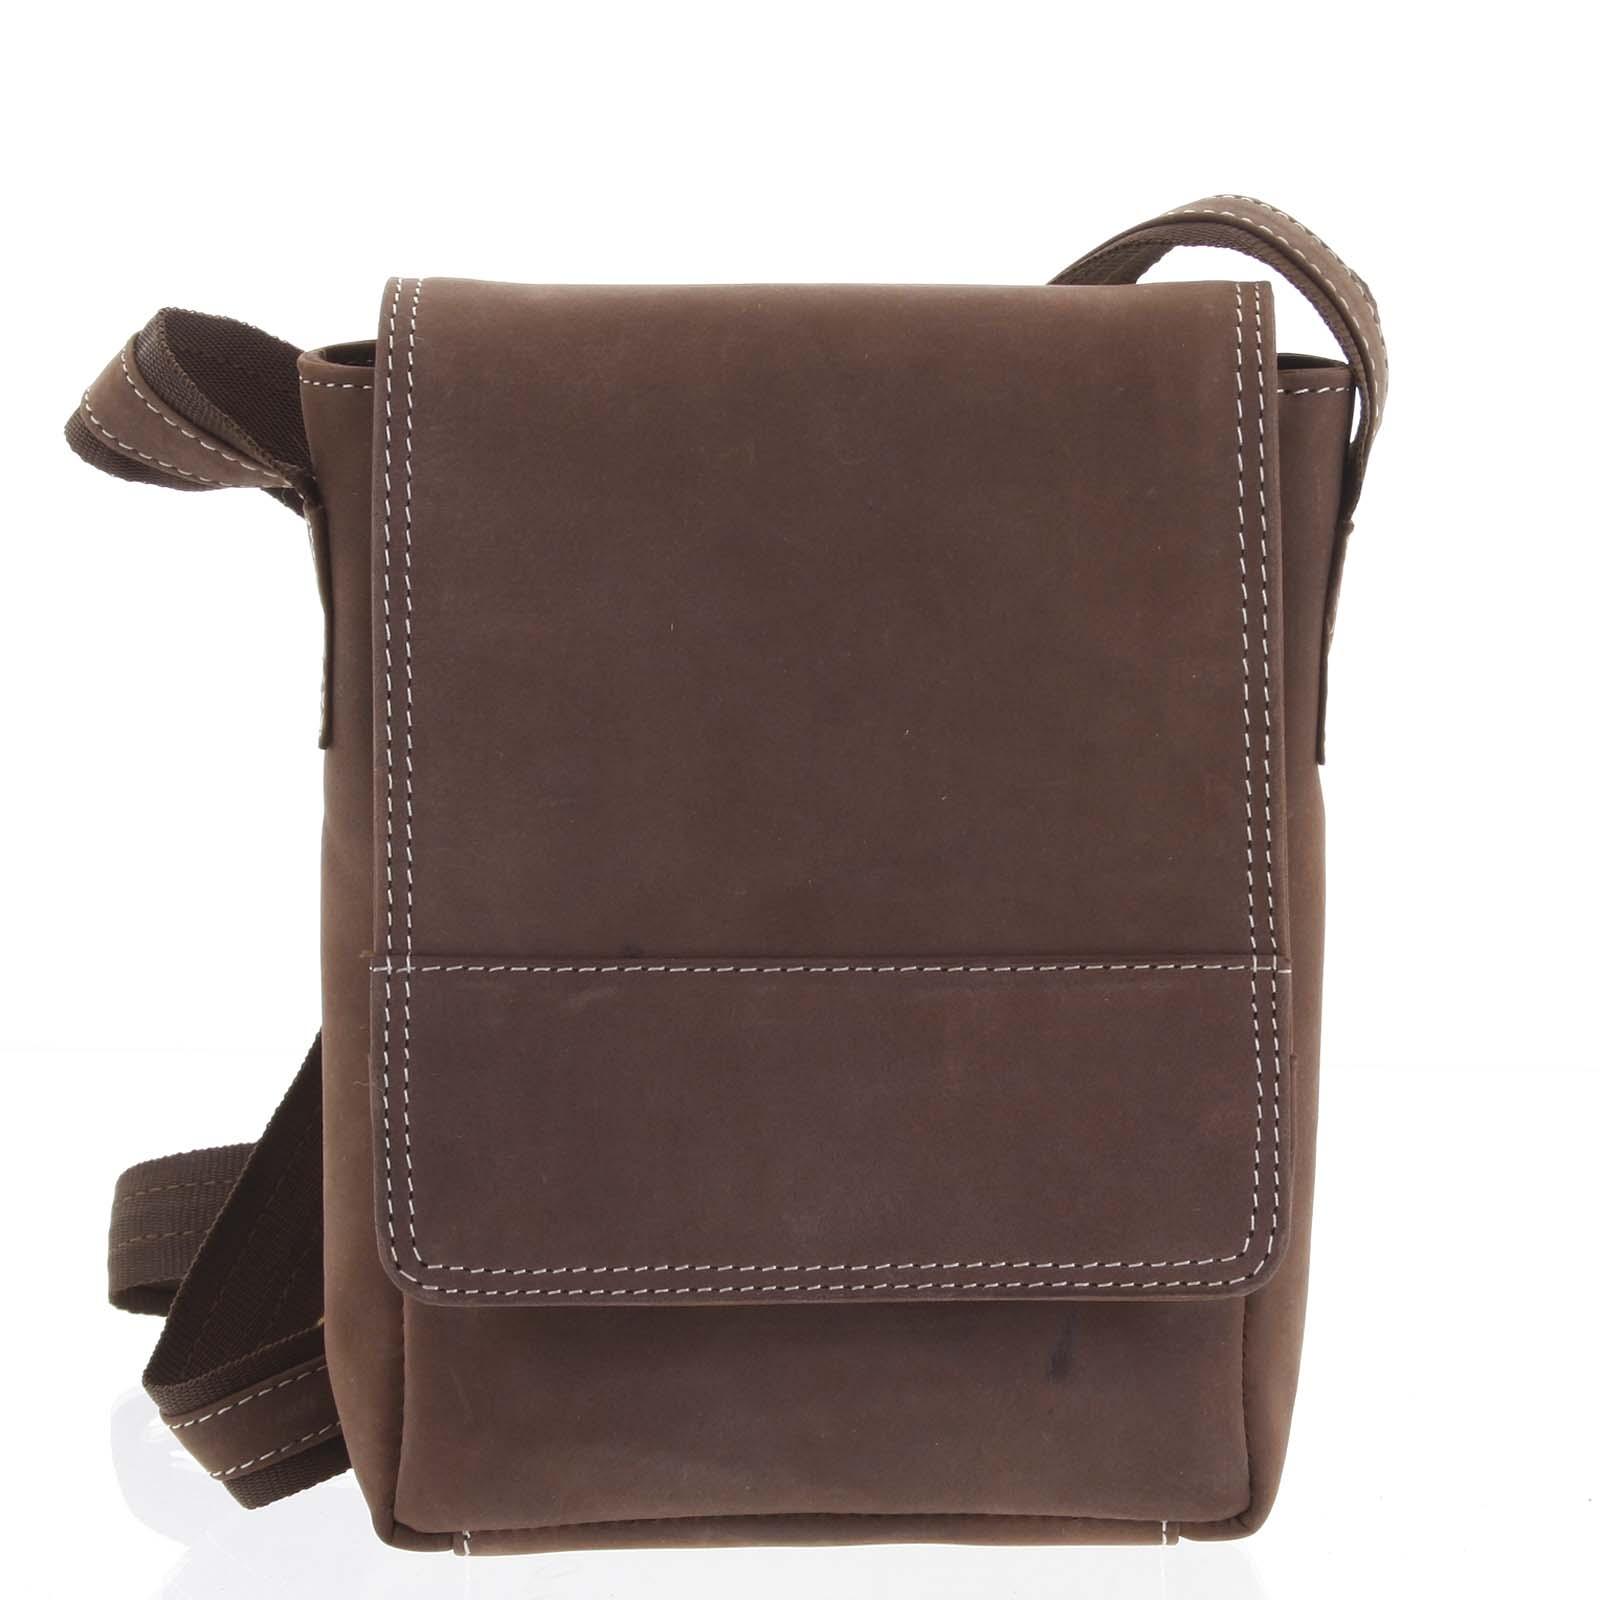 Kožená pánská crossbody taška na doklady hnědá broušená 0213